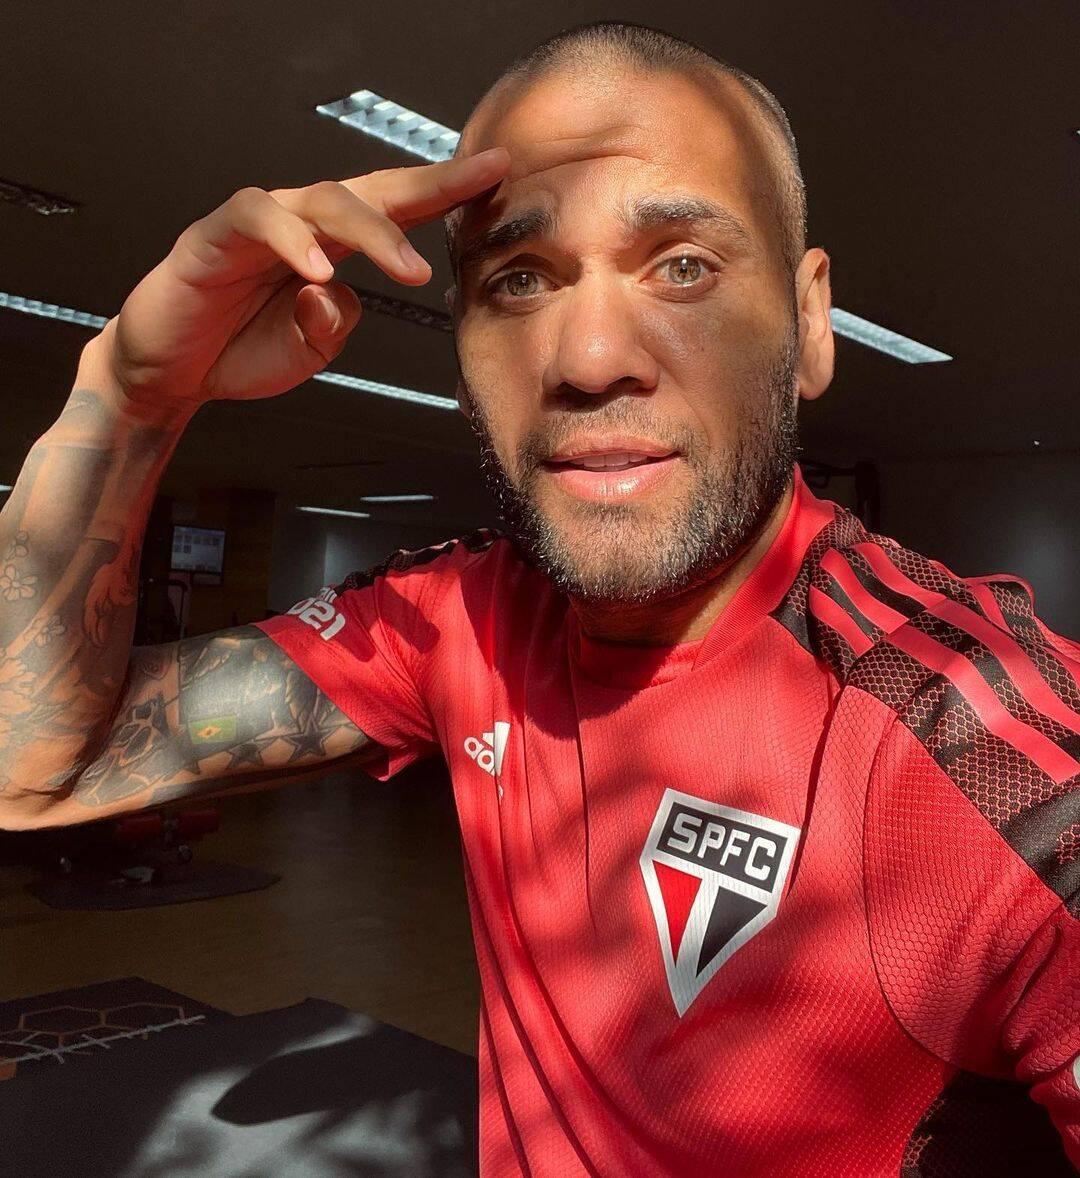 Jogador de futebol Daniel Alves, foi vítima de racismo quando viu jogarem uma casca de banana em sua direção, durante uma partida de jogo (Foto: Instagram)